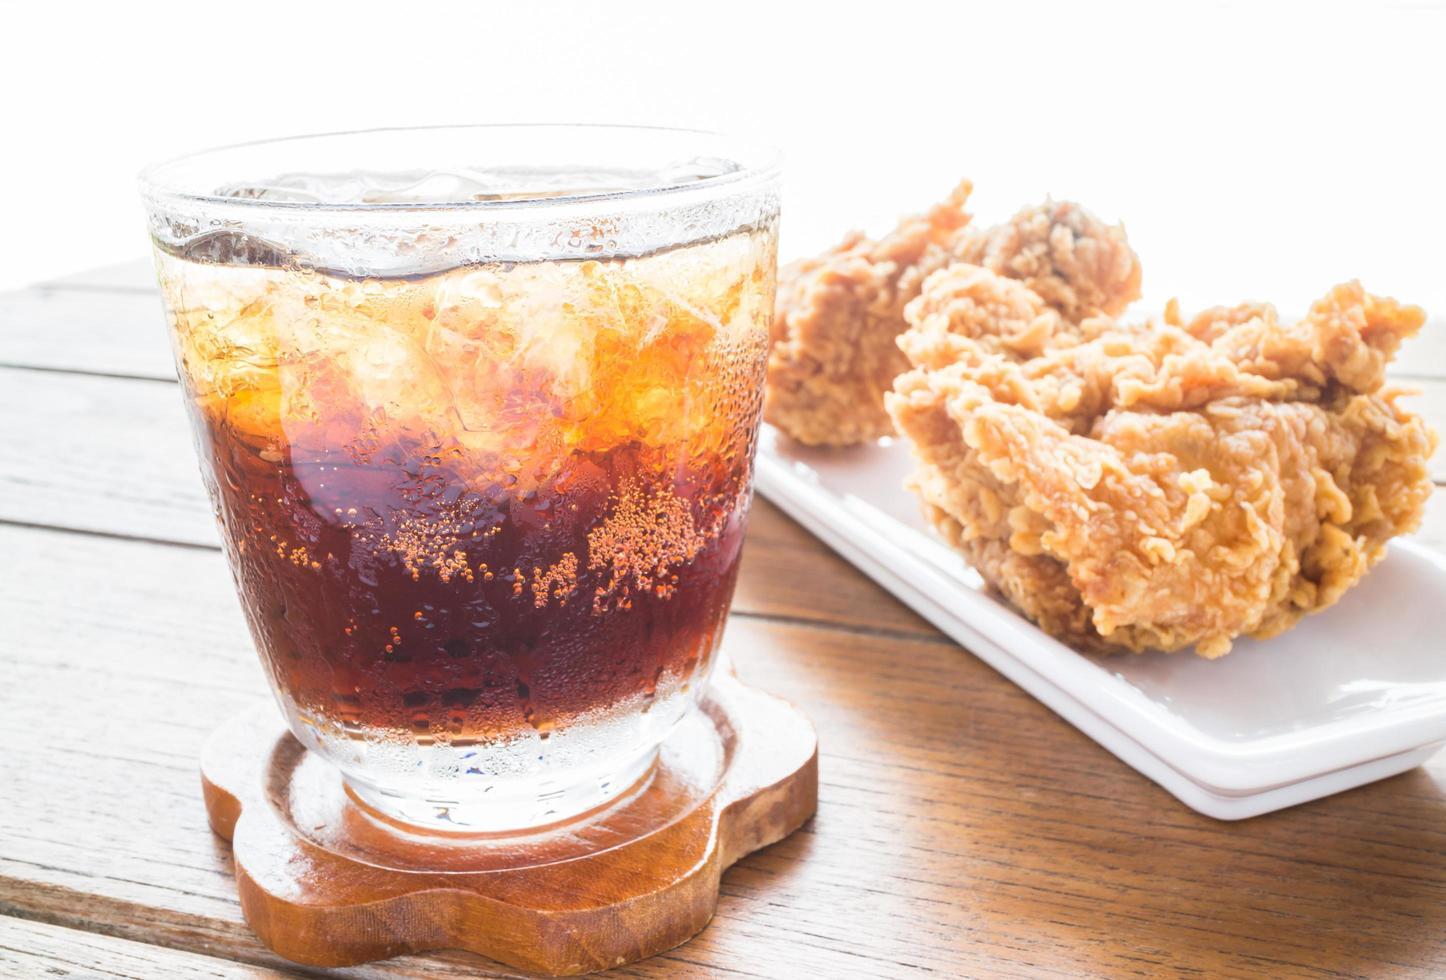 ijskoude cola en gebakken kip foto